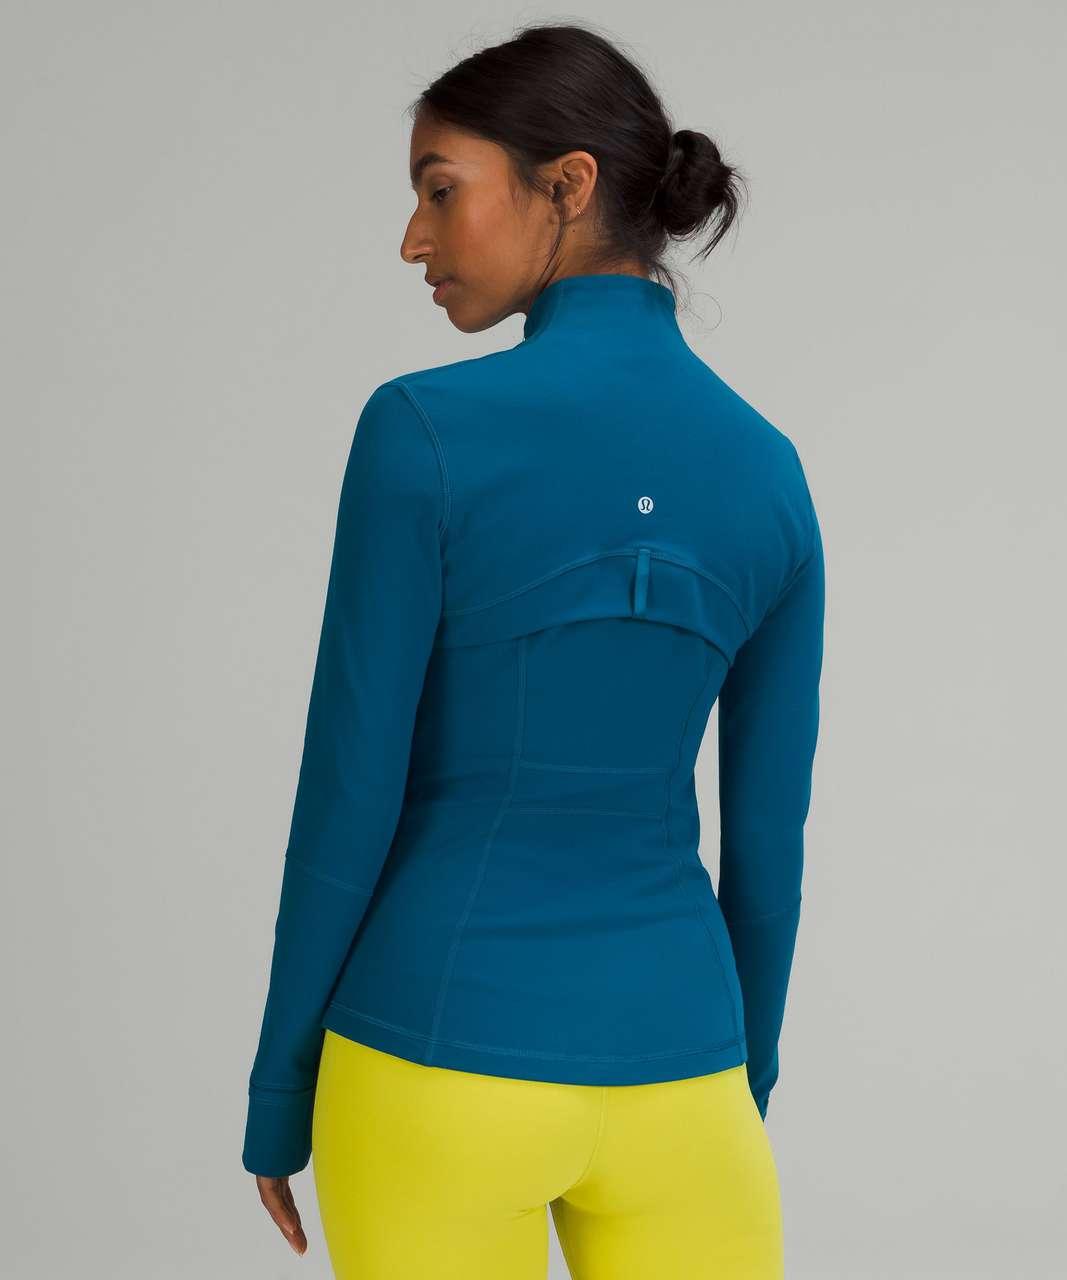 Lululemon Define Jacket - Capri